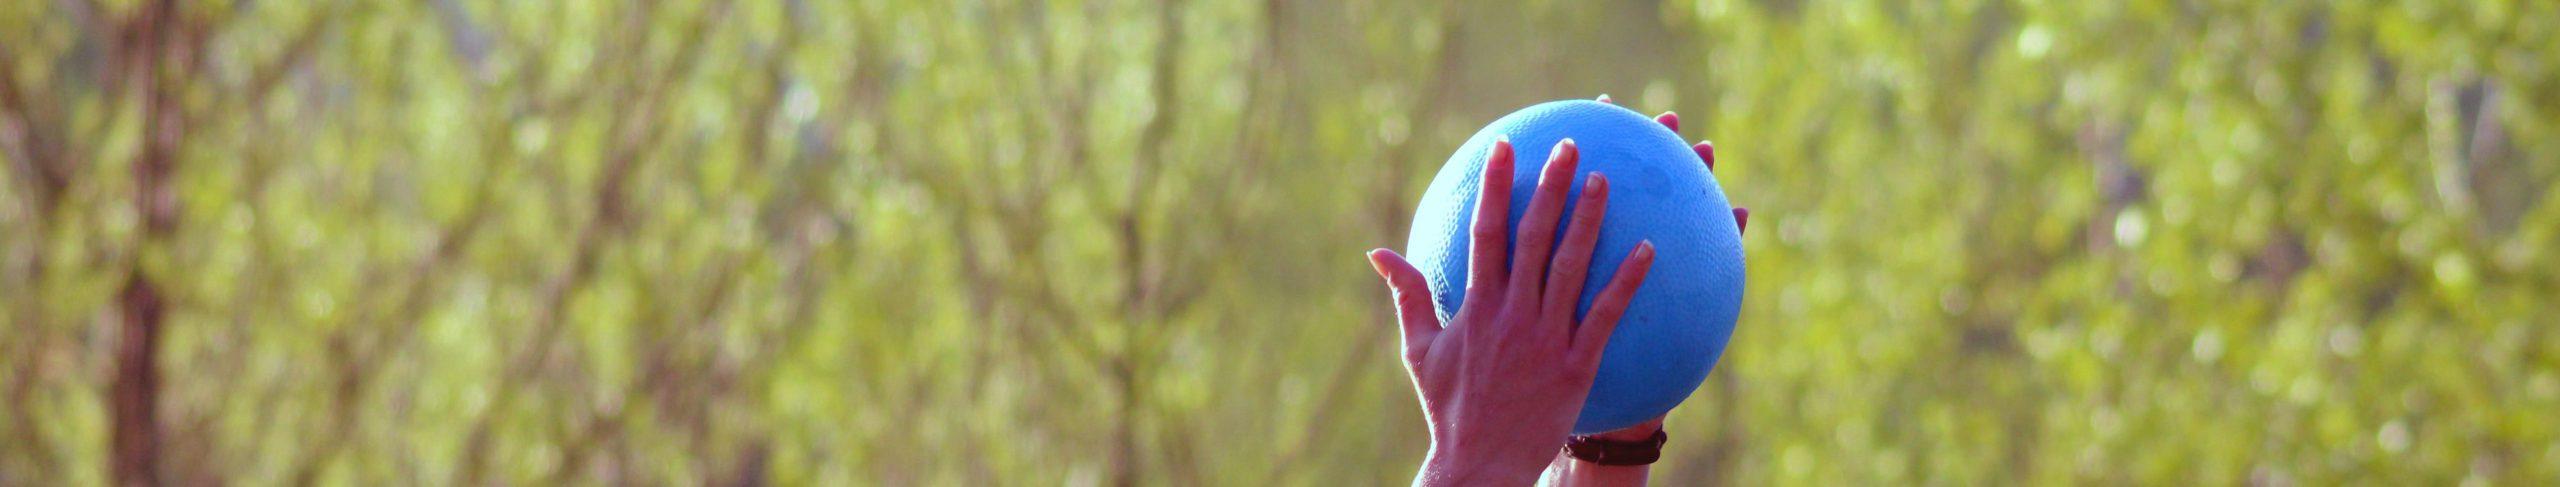 Harmonie-Sport.de   Monika Nienaber